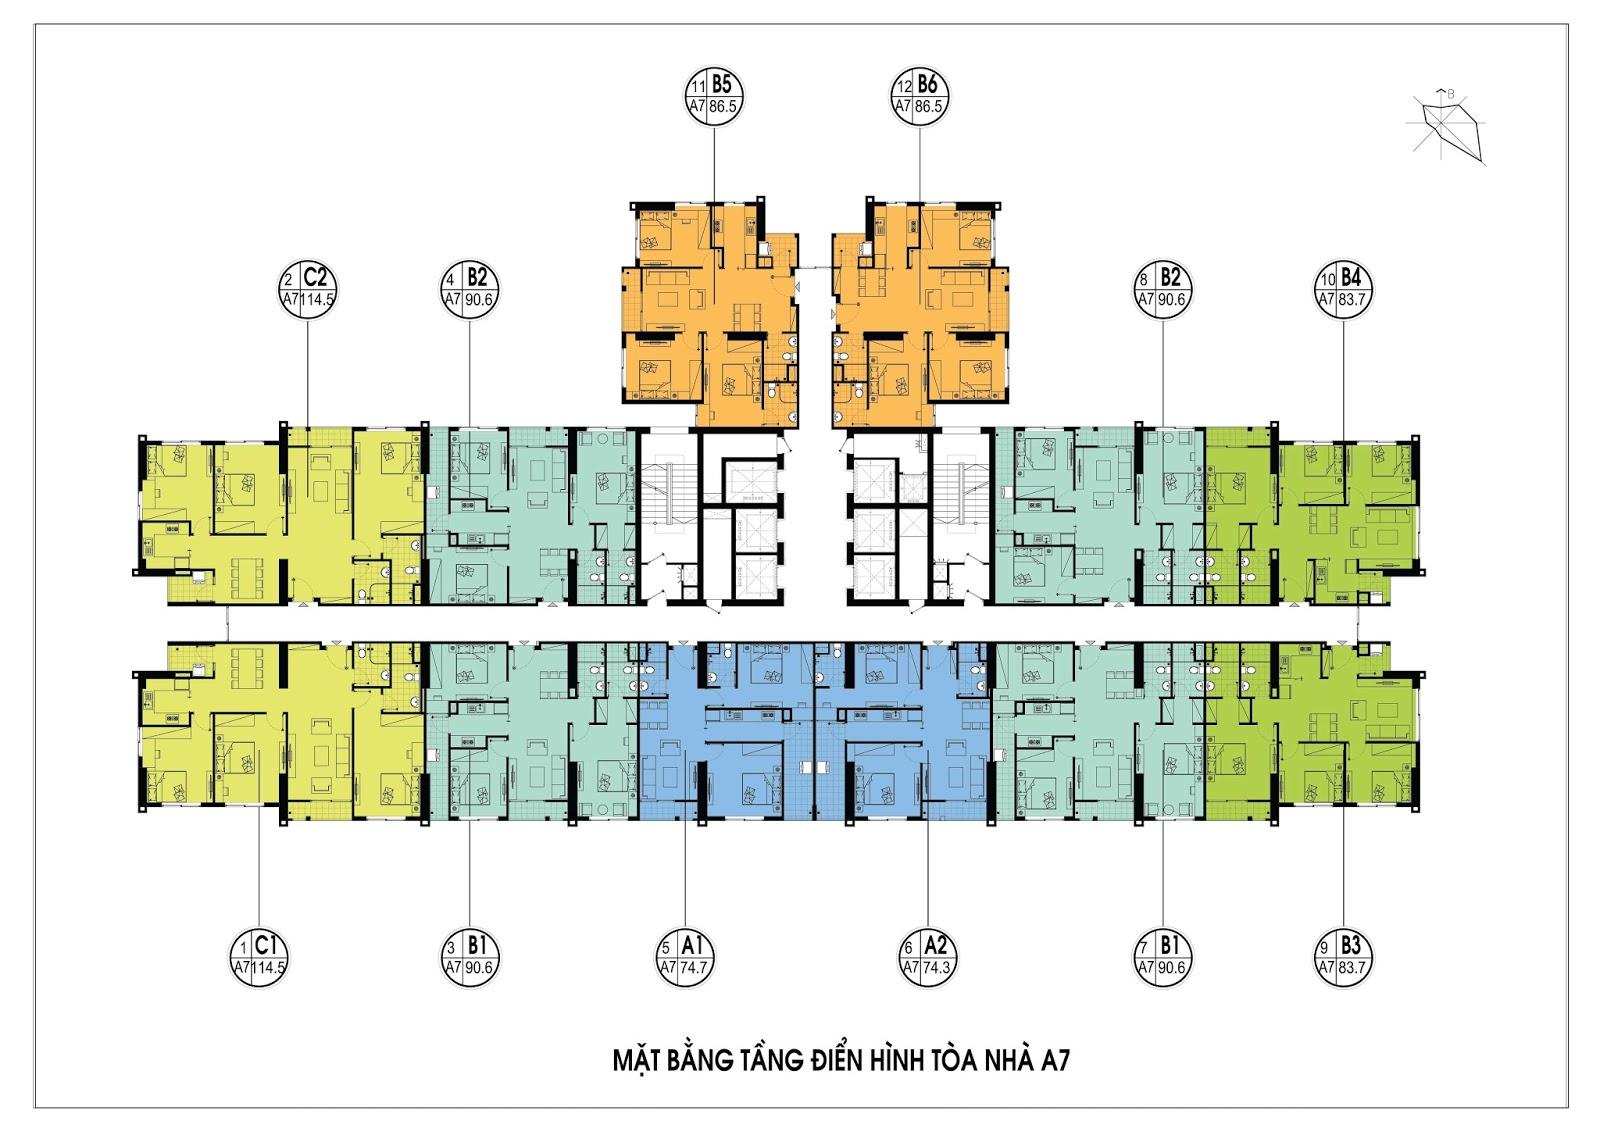 Mặt bằng điển hình tòa A7 - Chung cư An Bình City